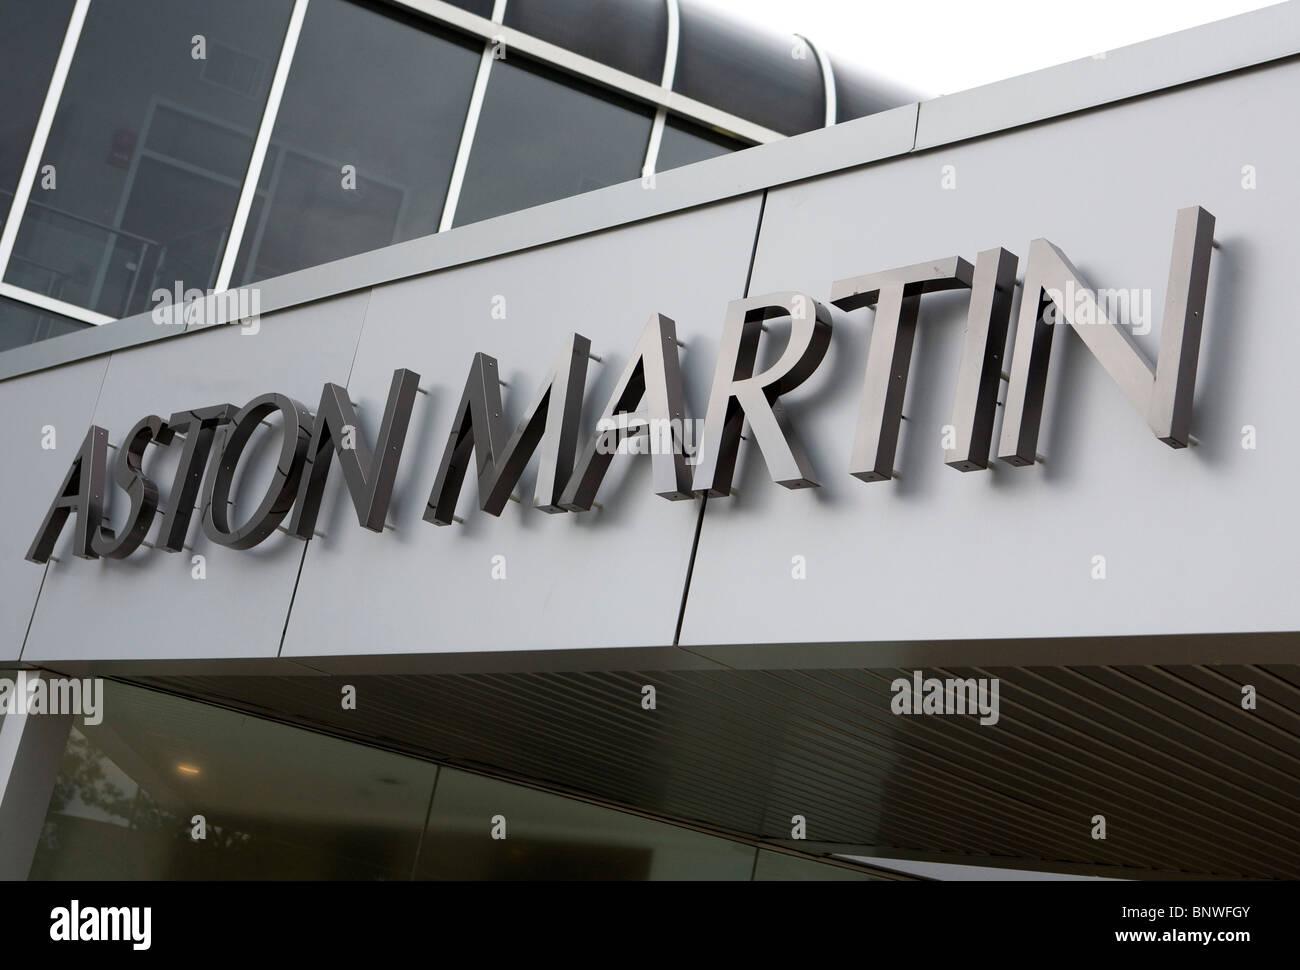 A Aston Martin car dealership.  - Stock Image